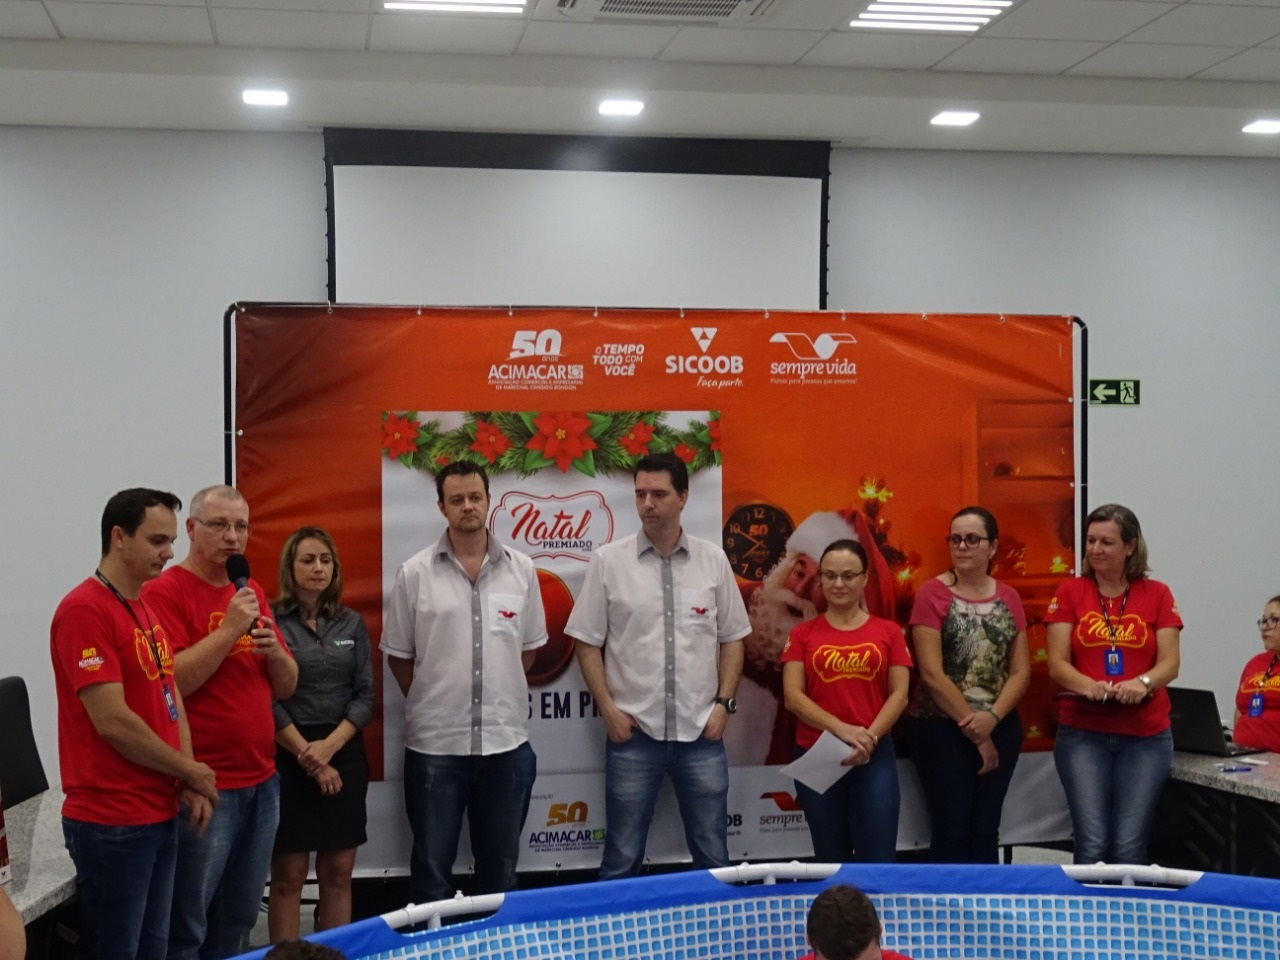 9e40ef273b9df Acimacar encerra campanha Natal Premiado com último sorteio